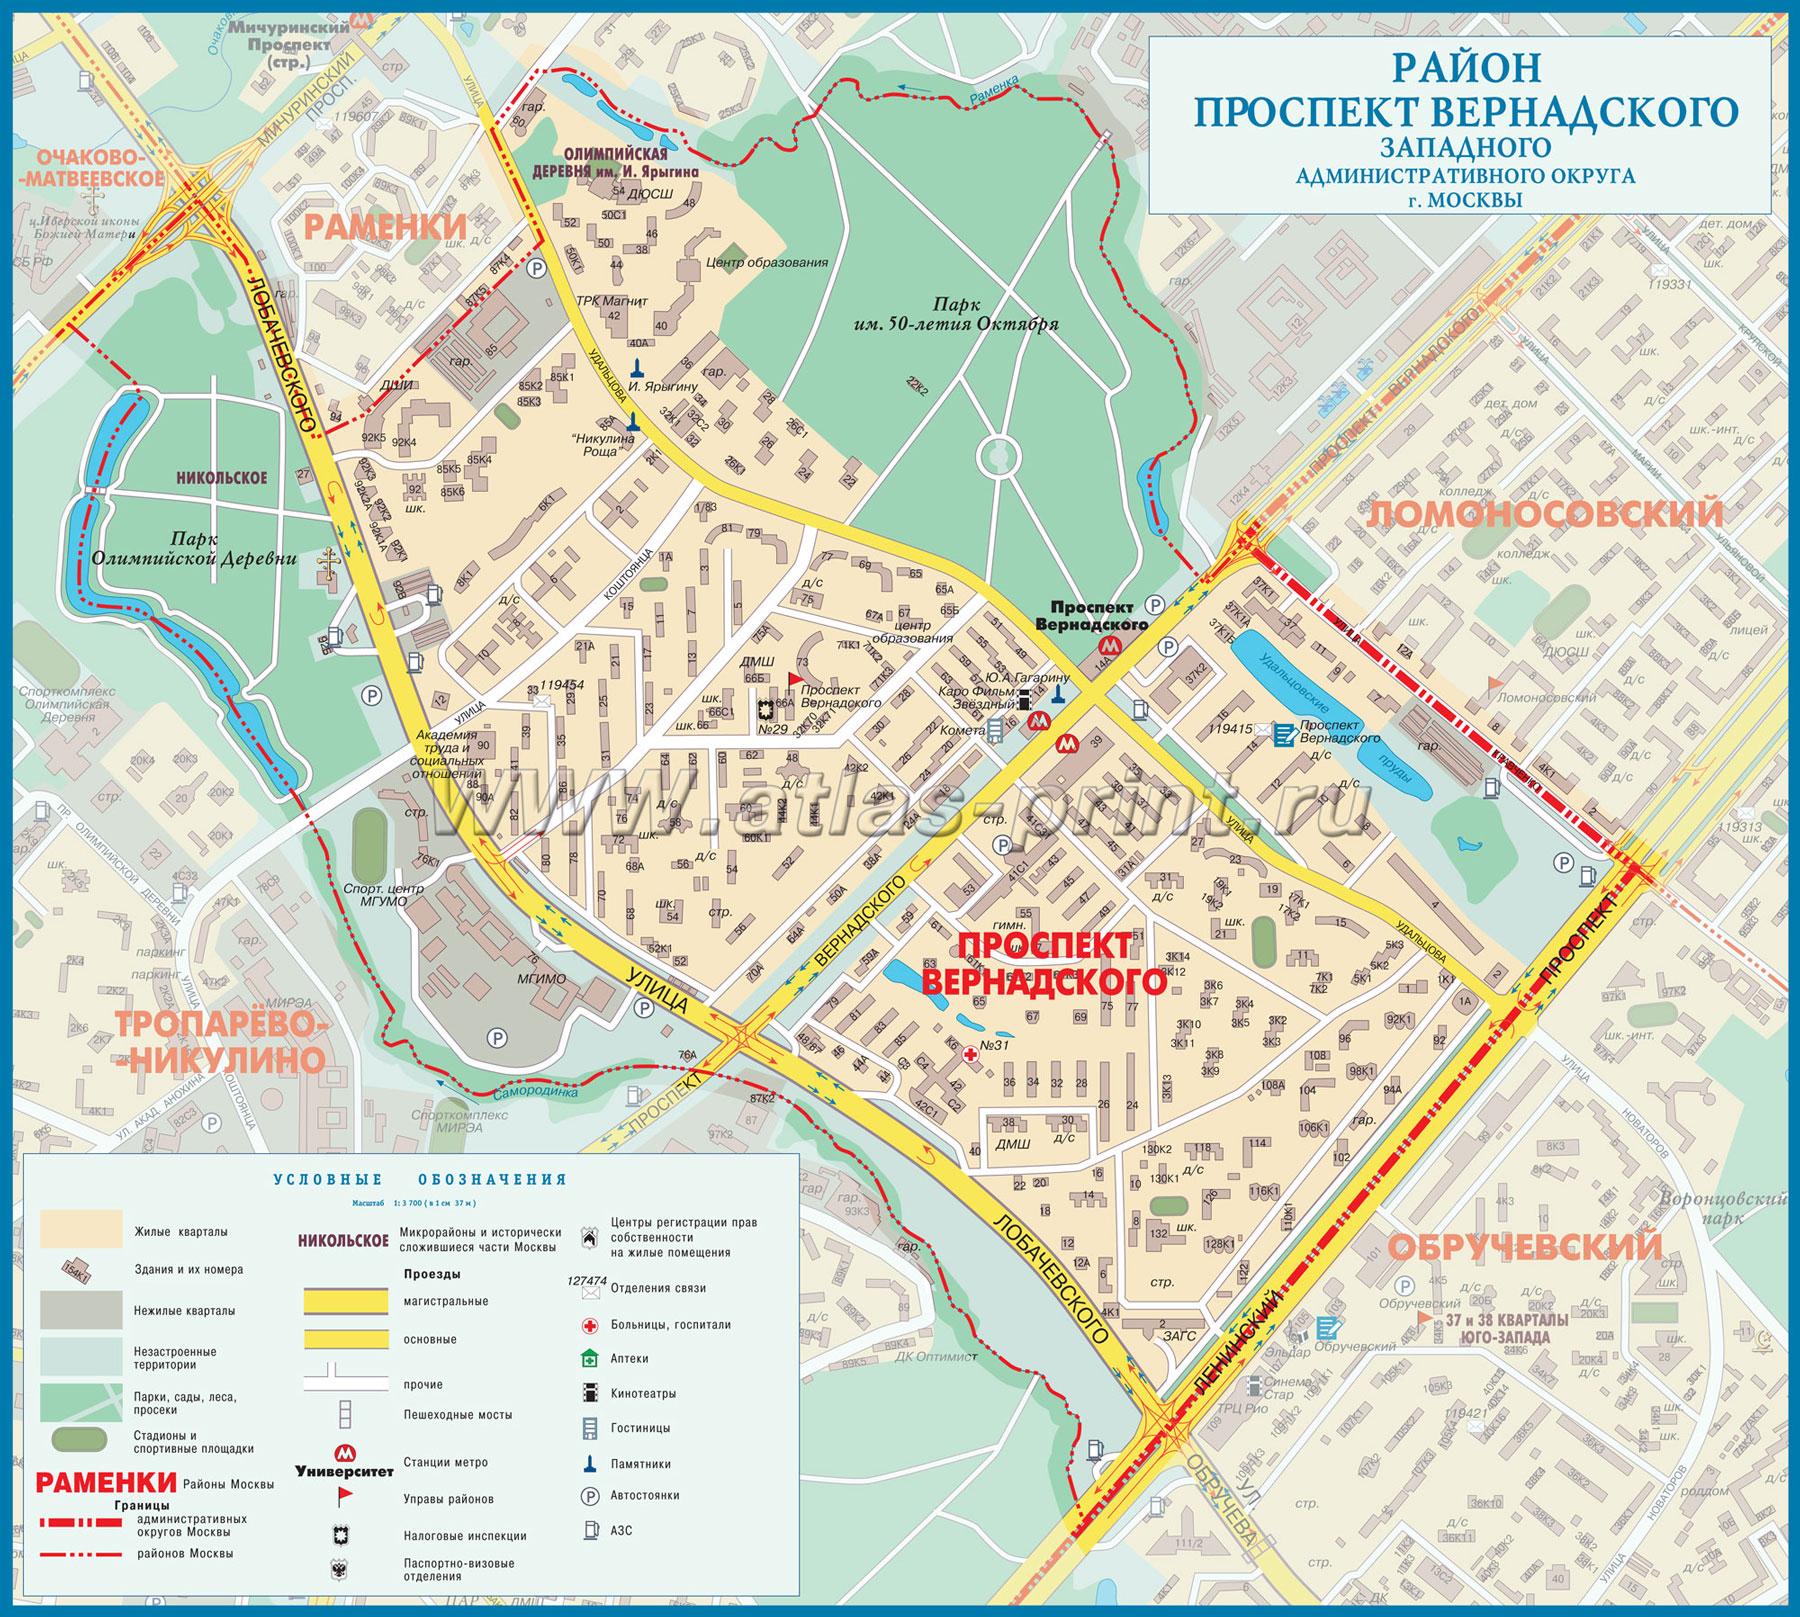 Настенная карта района Проспект Вернадского г.Москвы 1,00*0,90 м, ламинированная